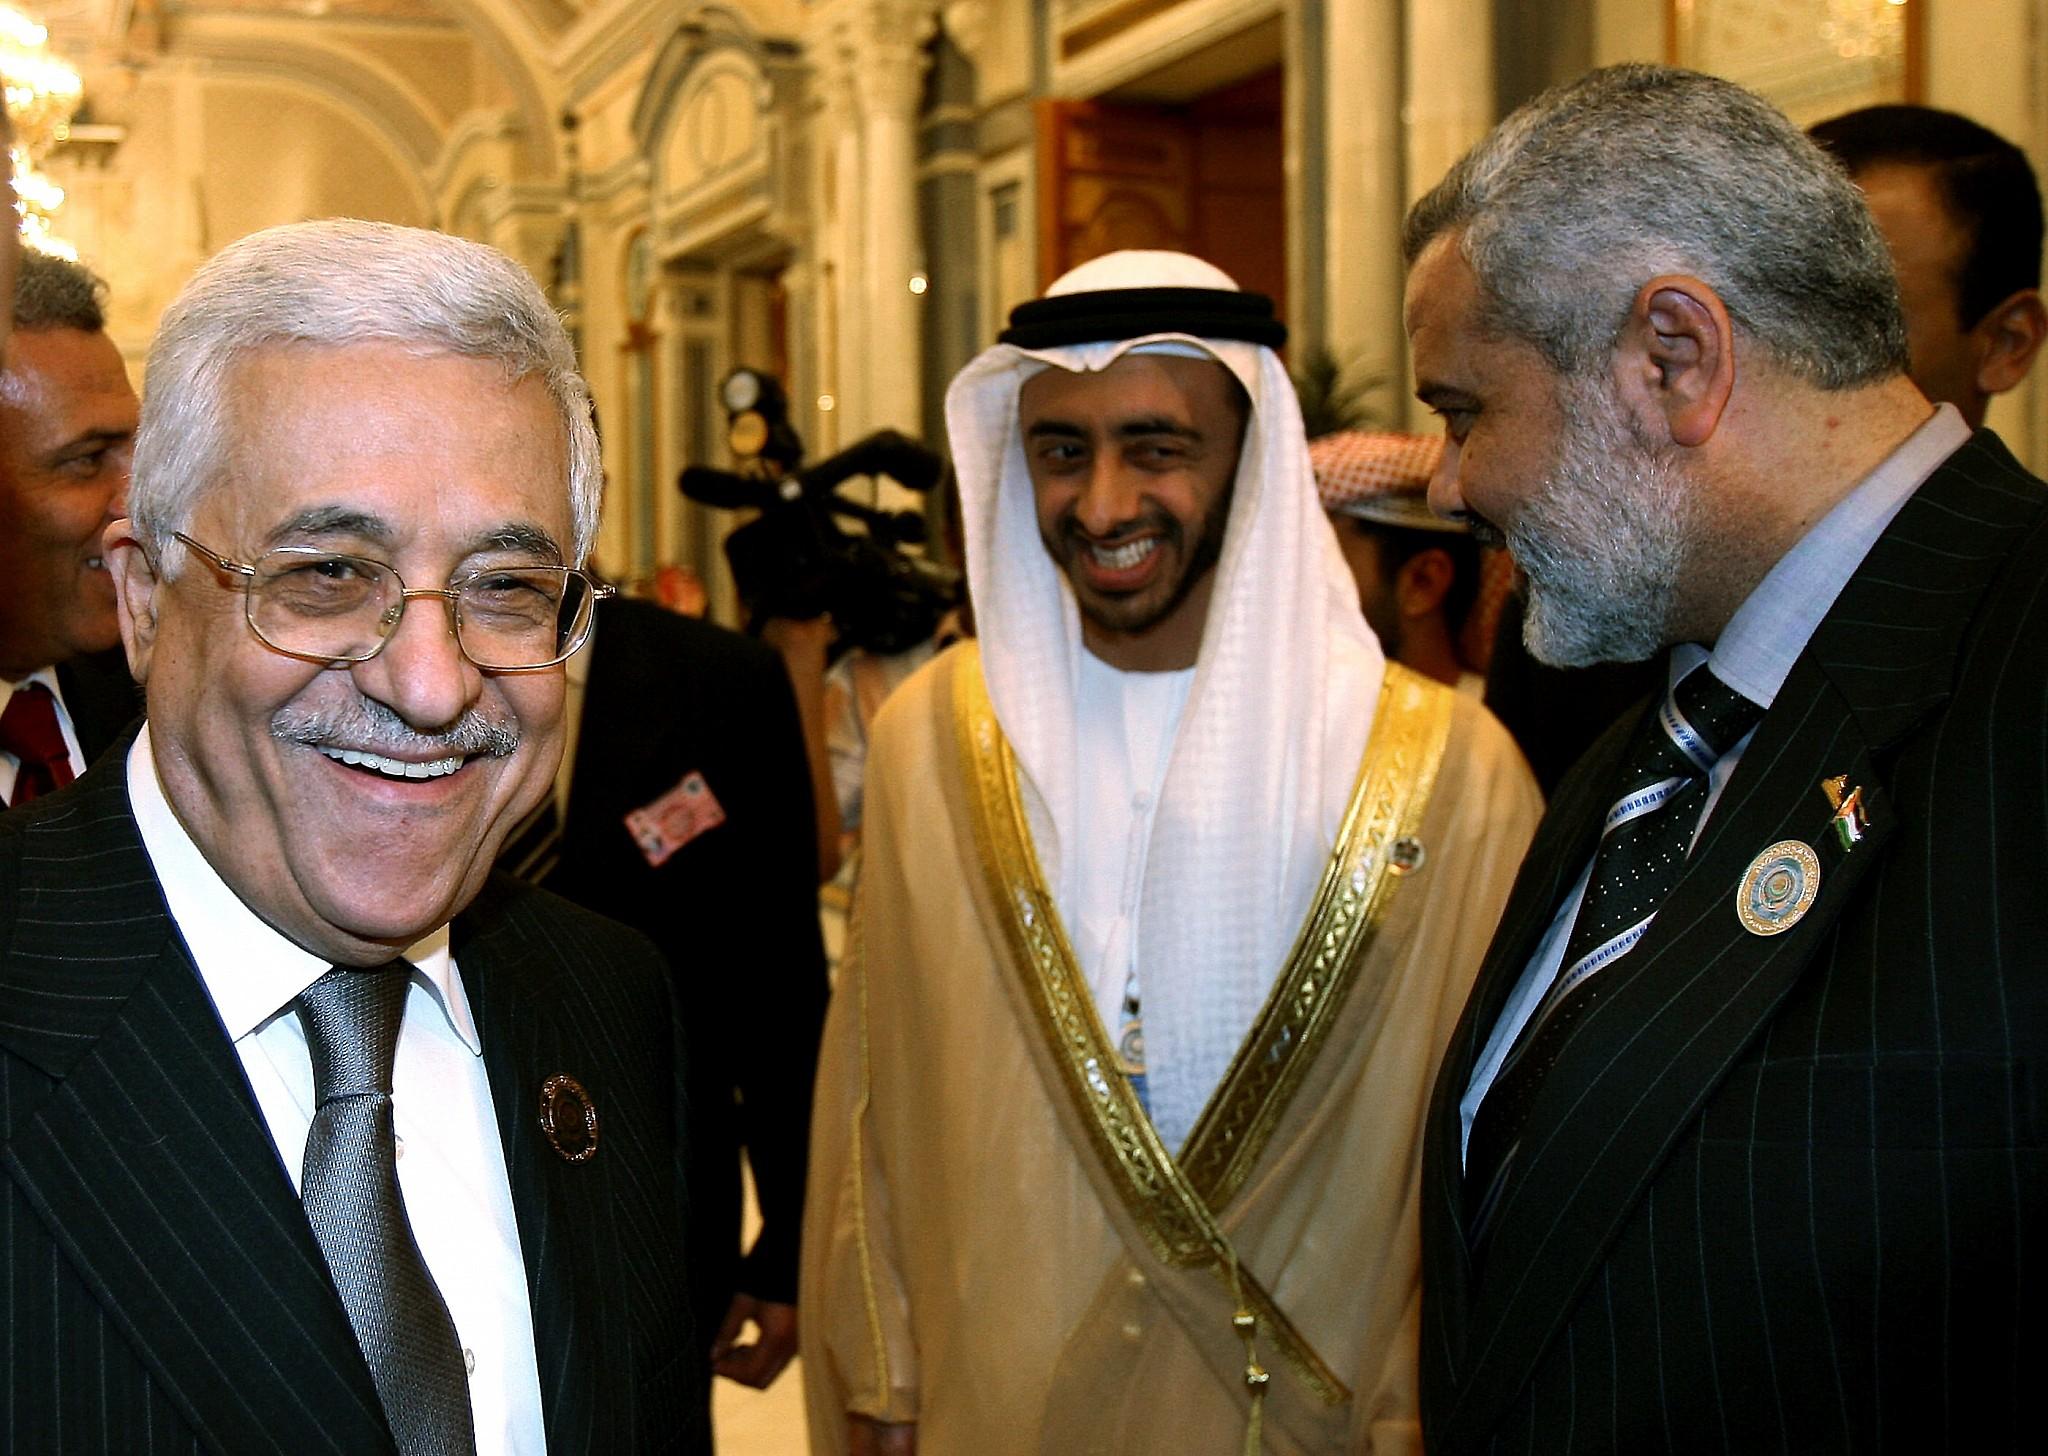 Depuis Jérusalem, Pompeo s'en prend à l'Iran en pleine crise sanitaire